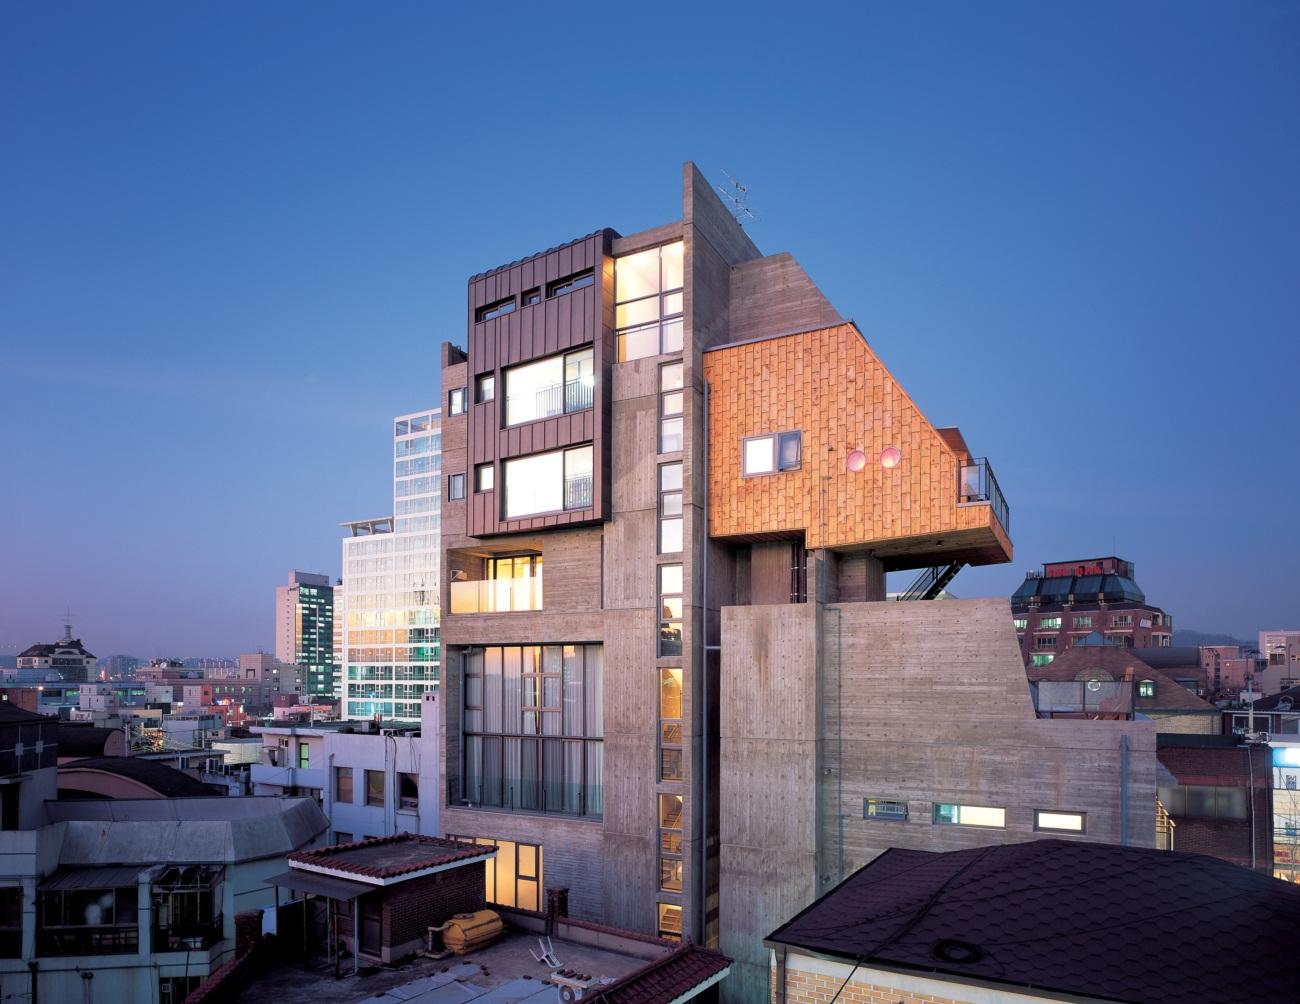 Sangsang Museum / Moon Hoon (7)